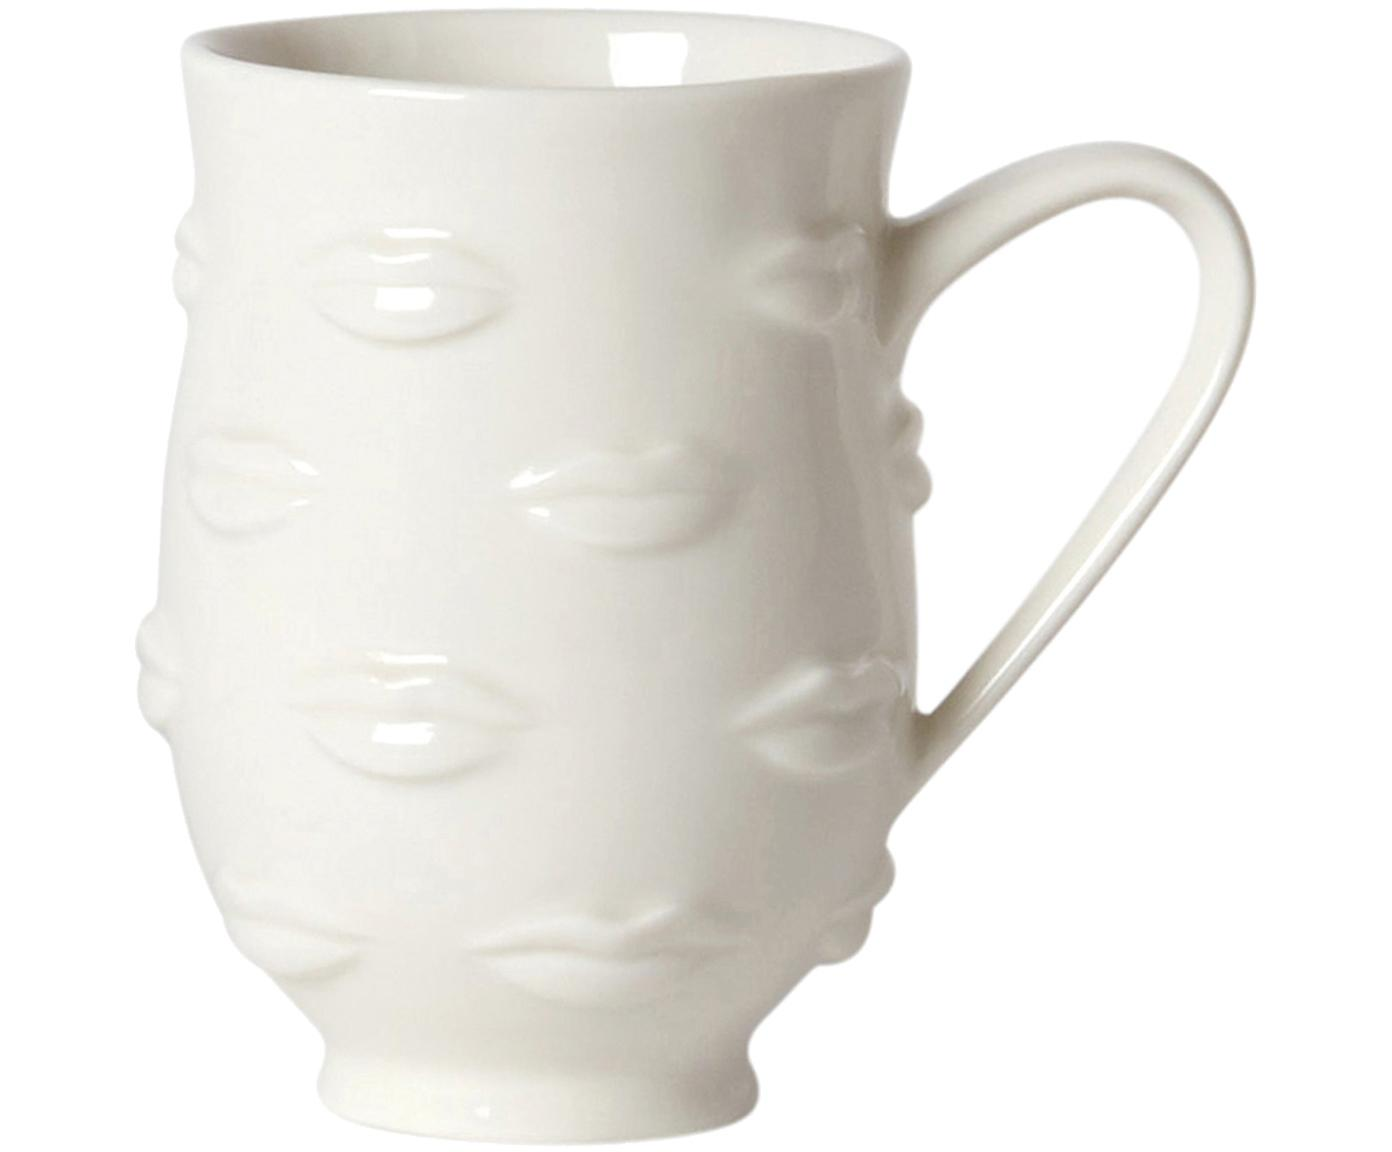 Designer Tasse Gala, Porzellan, Weiss, Ø 9 x H 13 cm